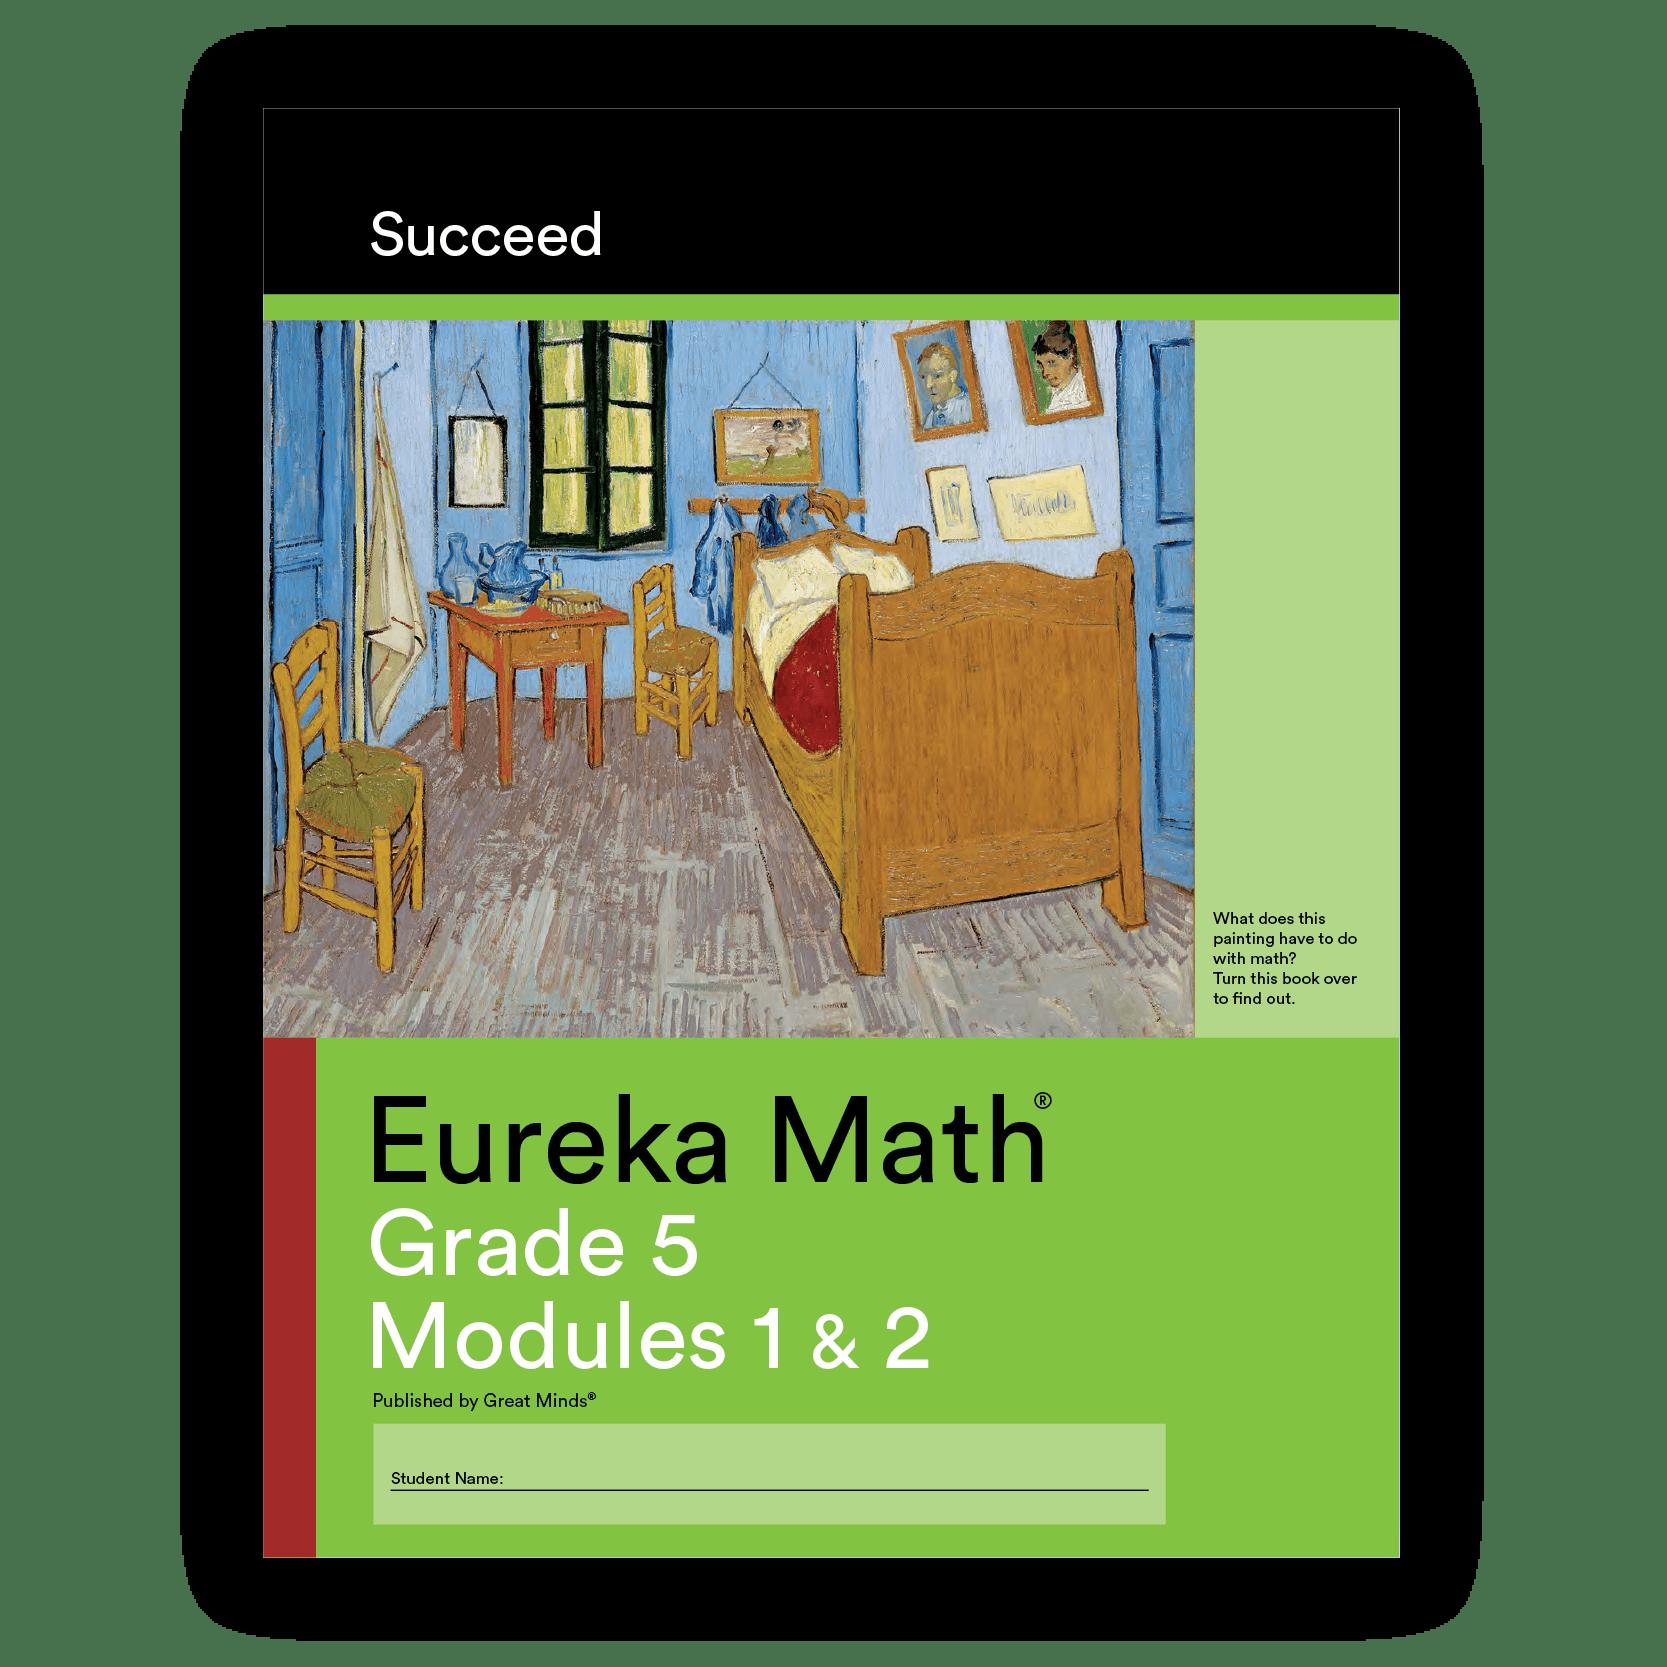 Eureka-Math-LPS-Succeed-Samples